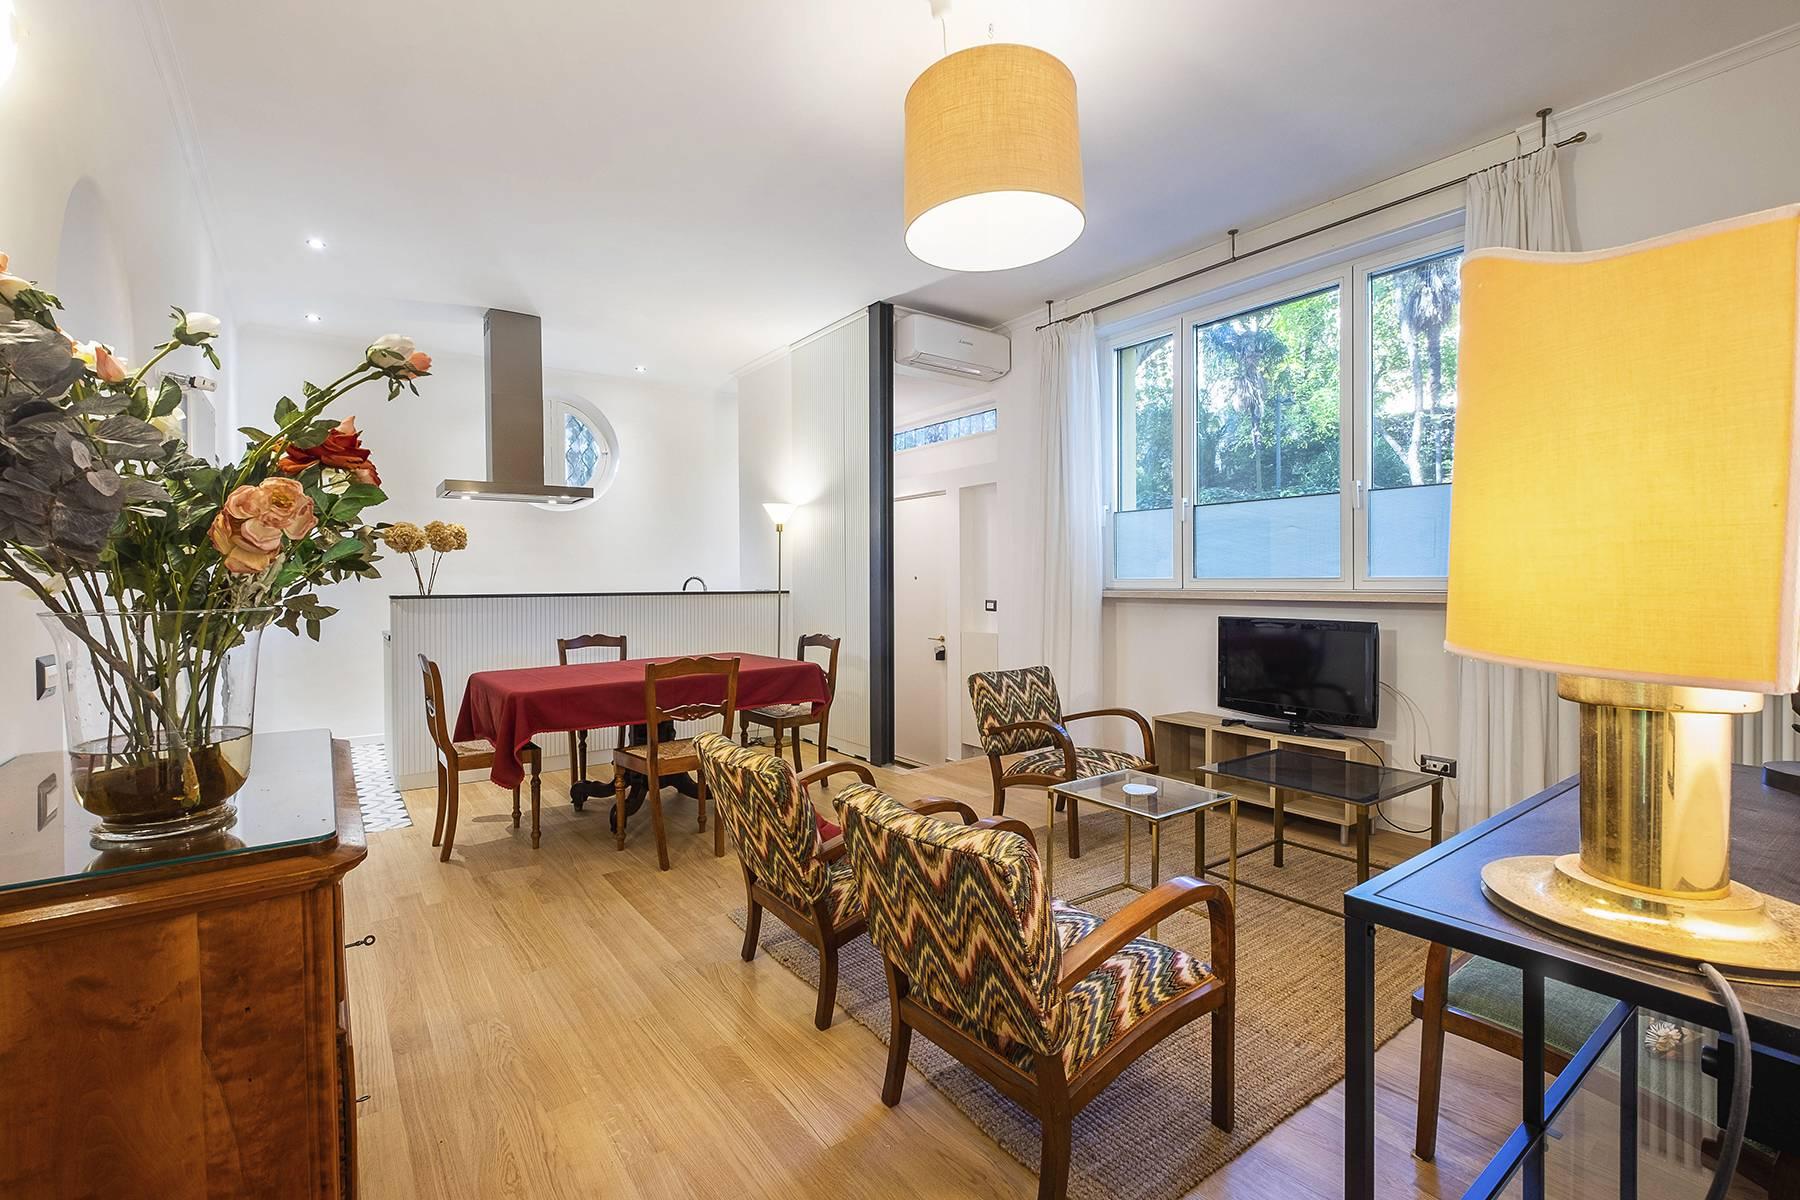 Appartamento in Affitto a Roma 29 Monteverde / Gianicolense / Colli Portuensi: 4 locali, 105 mq